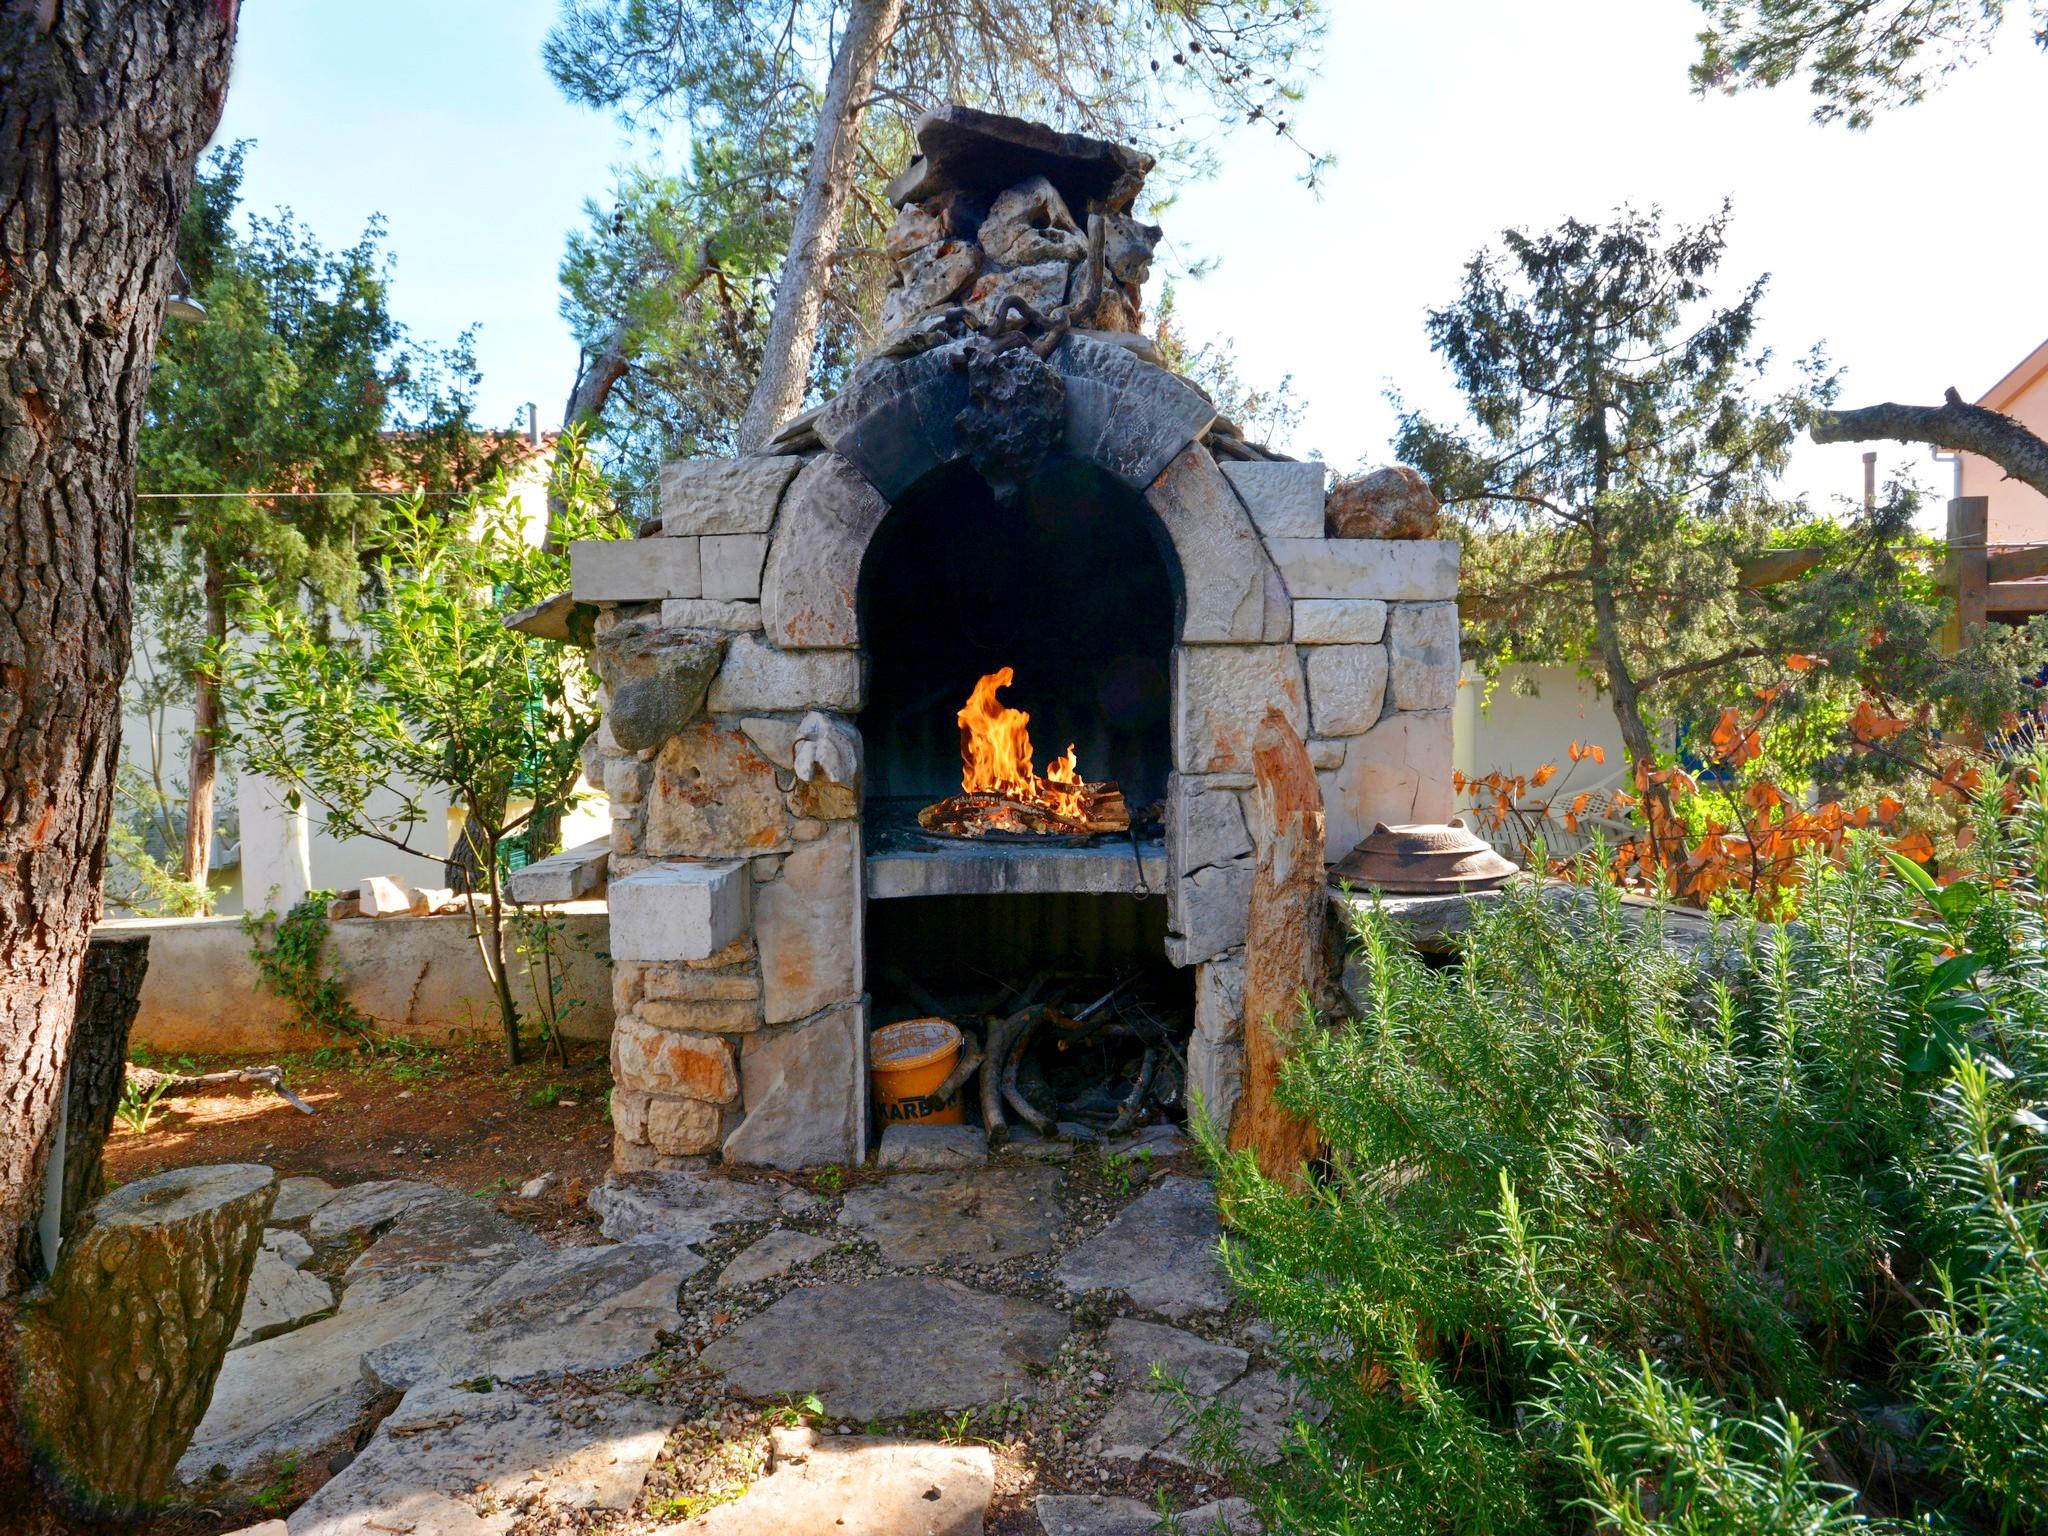 Ferienwohnung Ferienwohnungen Duaan, Apartman A4 (942266), Vrbanj, Insel Hvar, Dalmatien, Kroatien, Bild 6